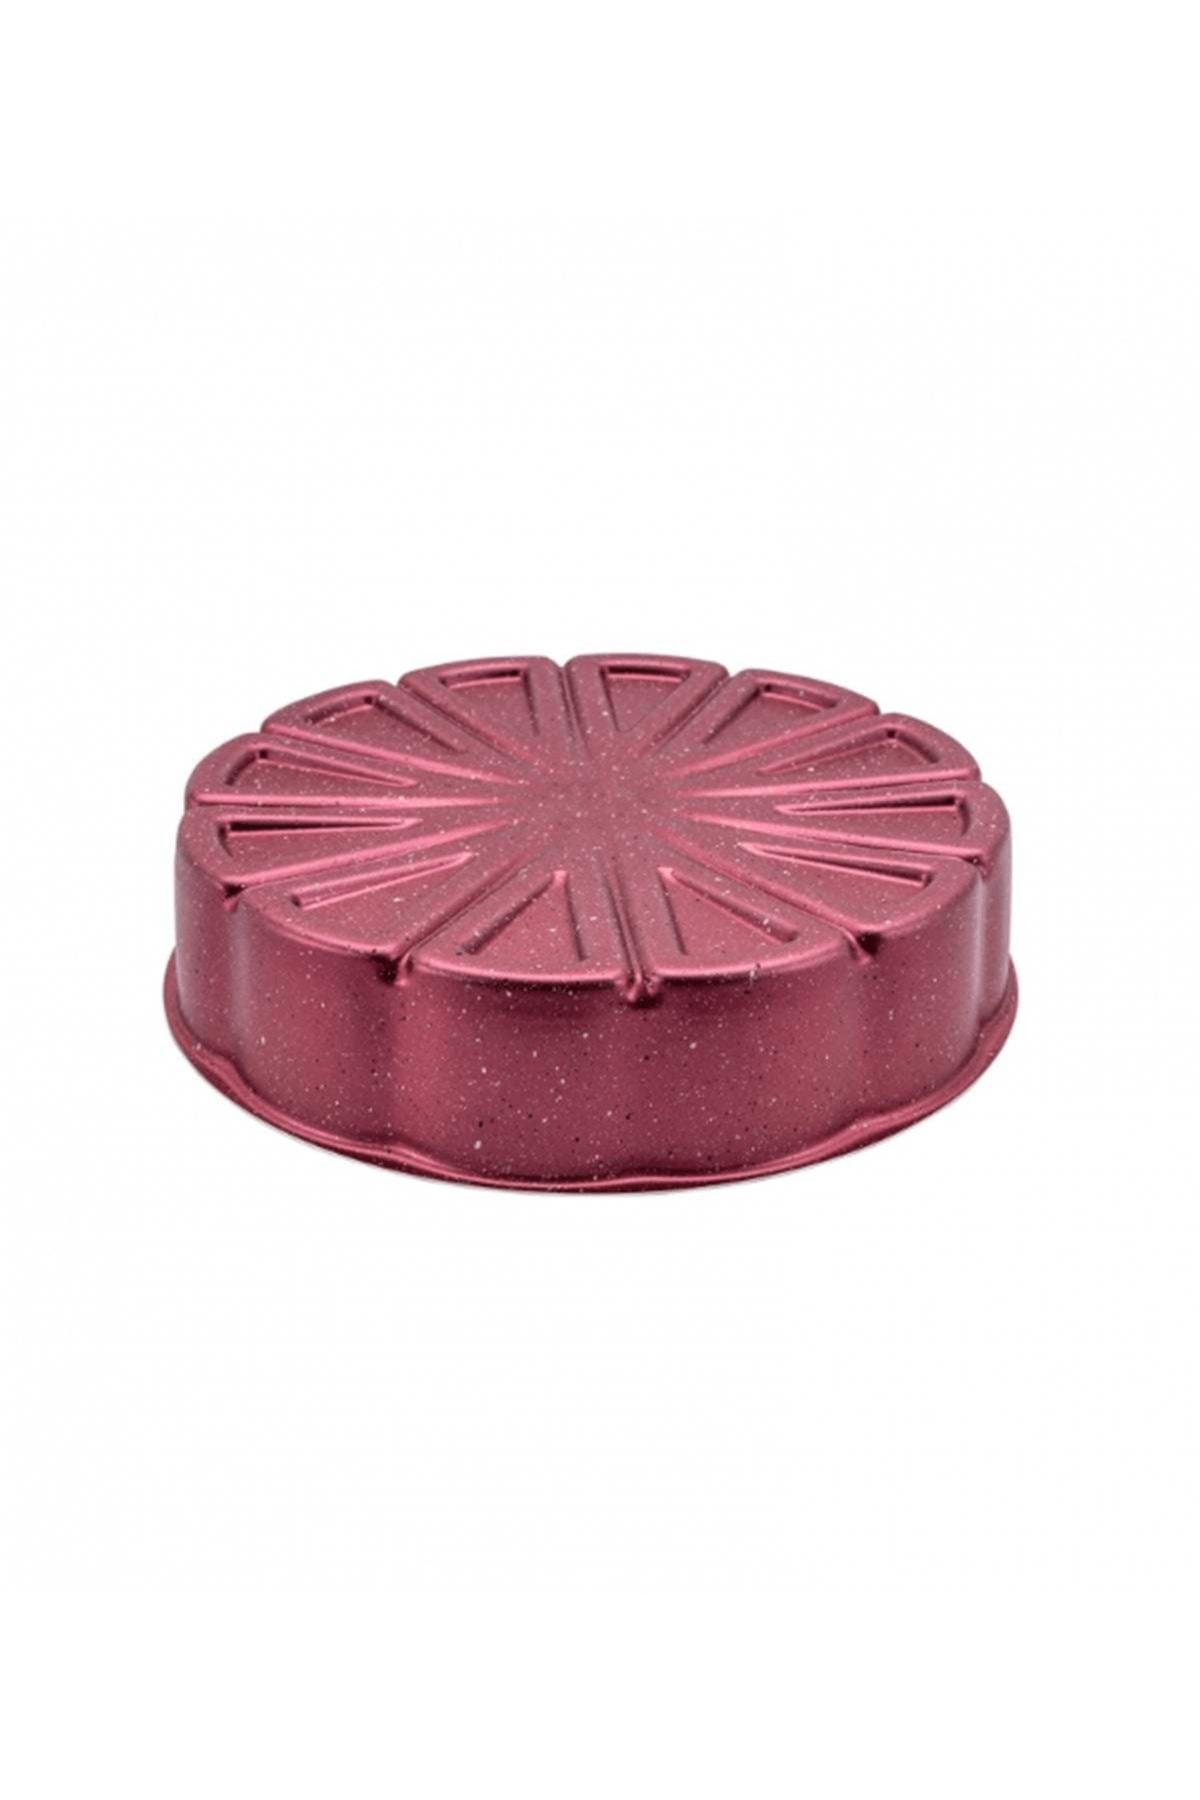 Emsan Pare Portakal Kek Kalıbı 26 Cm Kırmızı